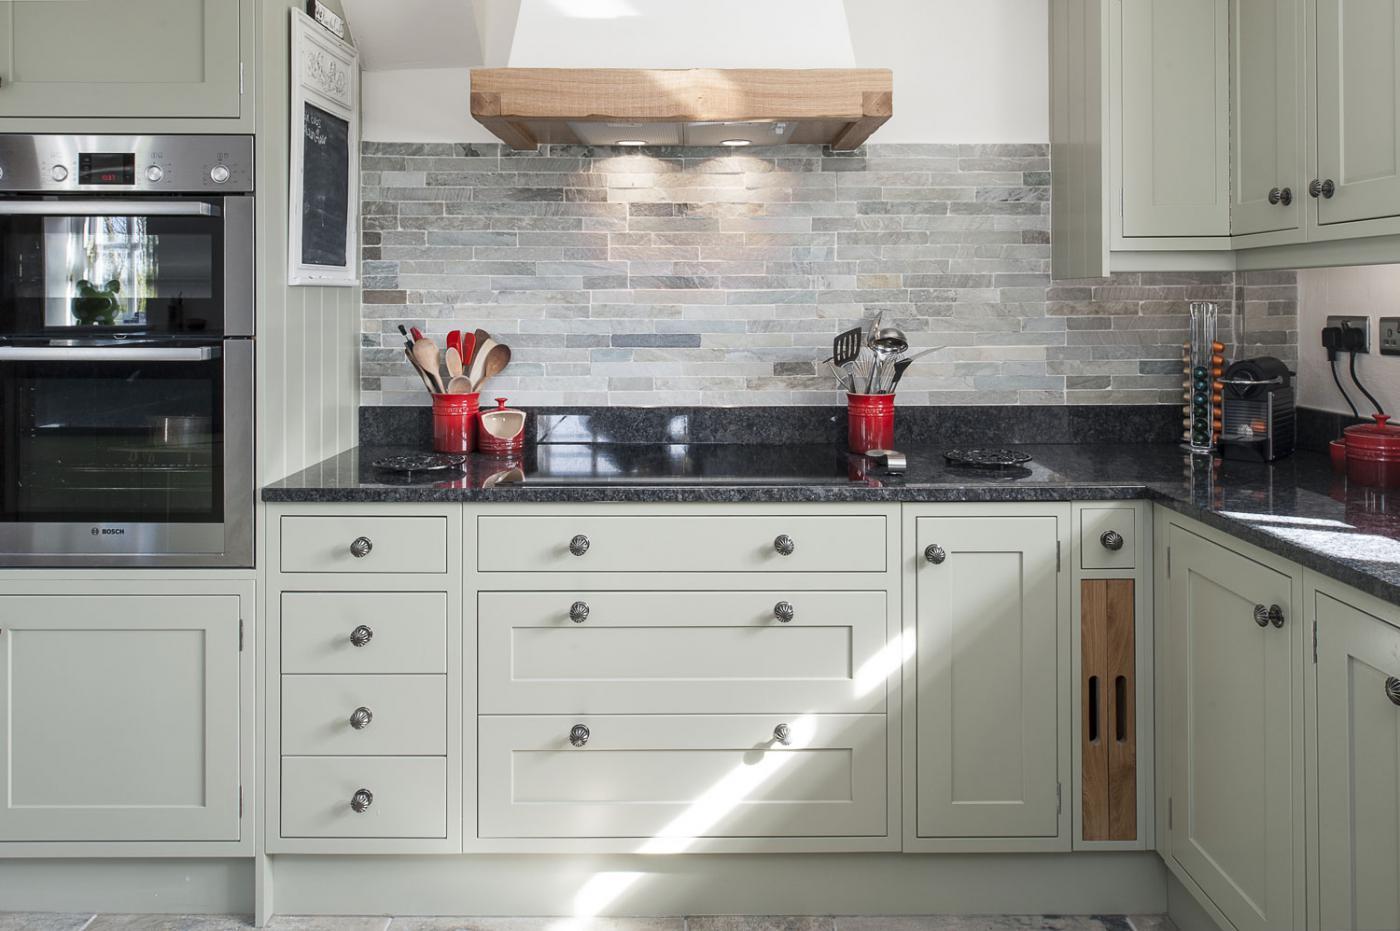 stone kitchen backsplash jm interiors prfiles ledger stone kitchen backsplash beige